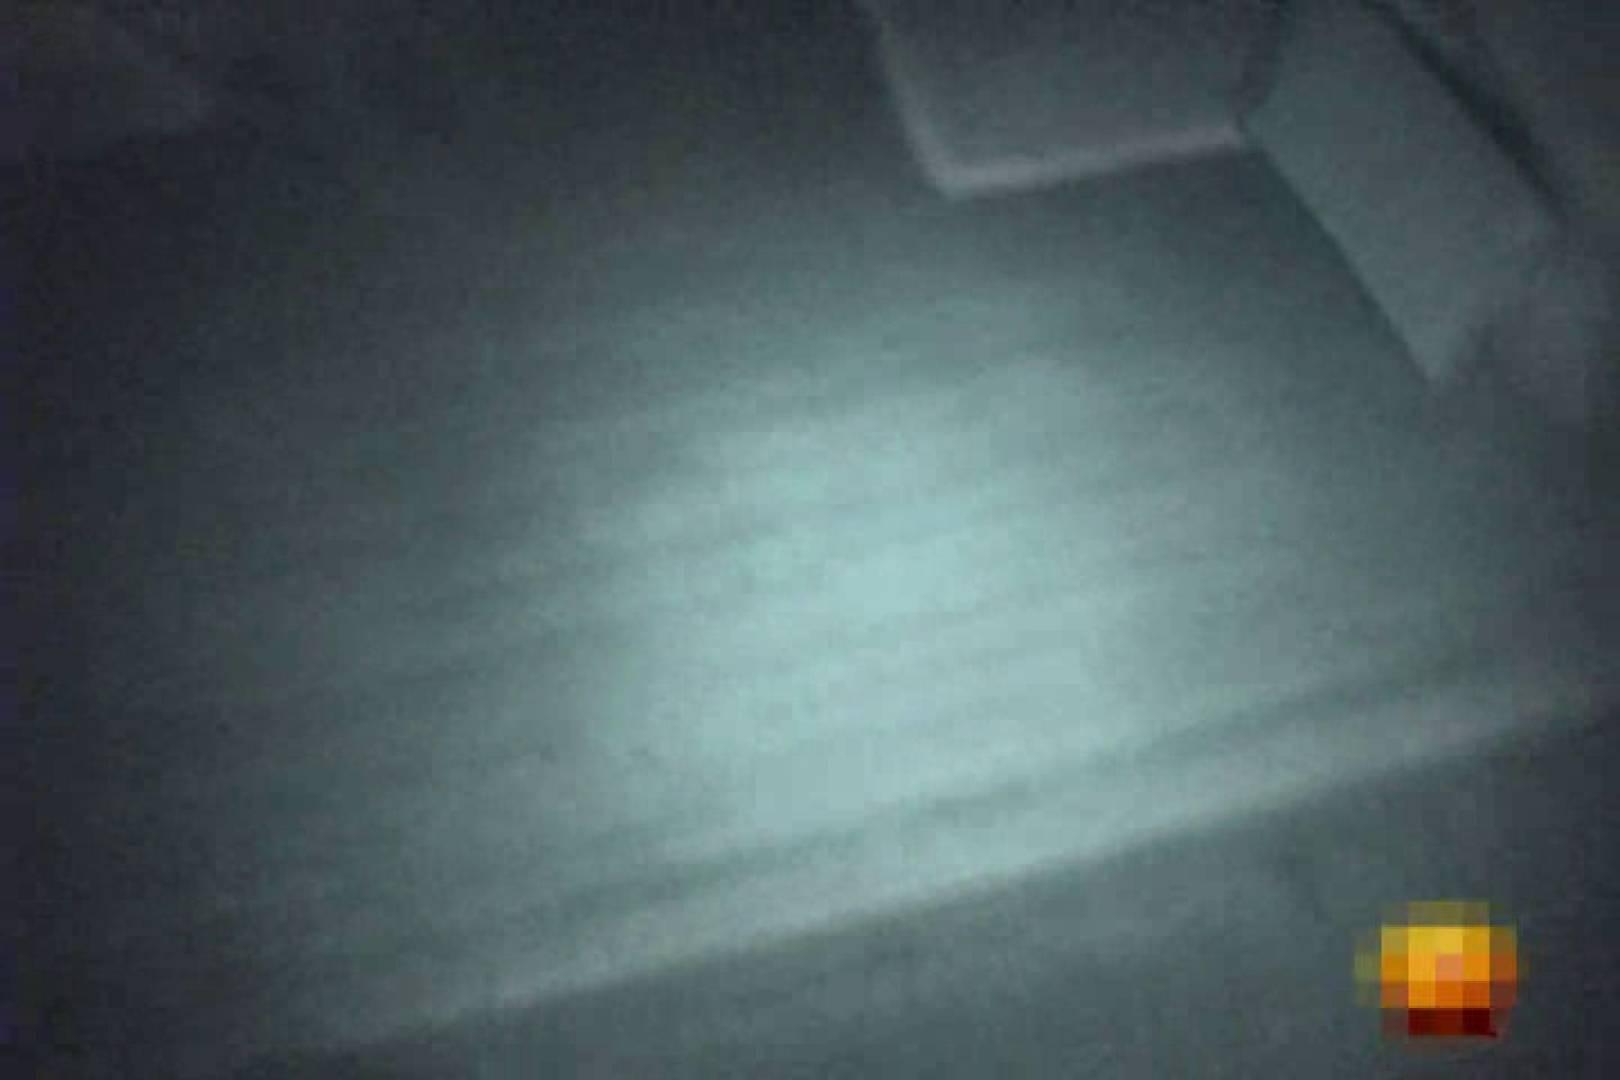 暗躍する夜這い師達Vol.5 反撃の悪戯 盗撮動画紹介 51pic 20